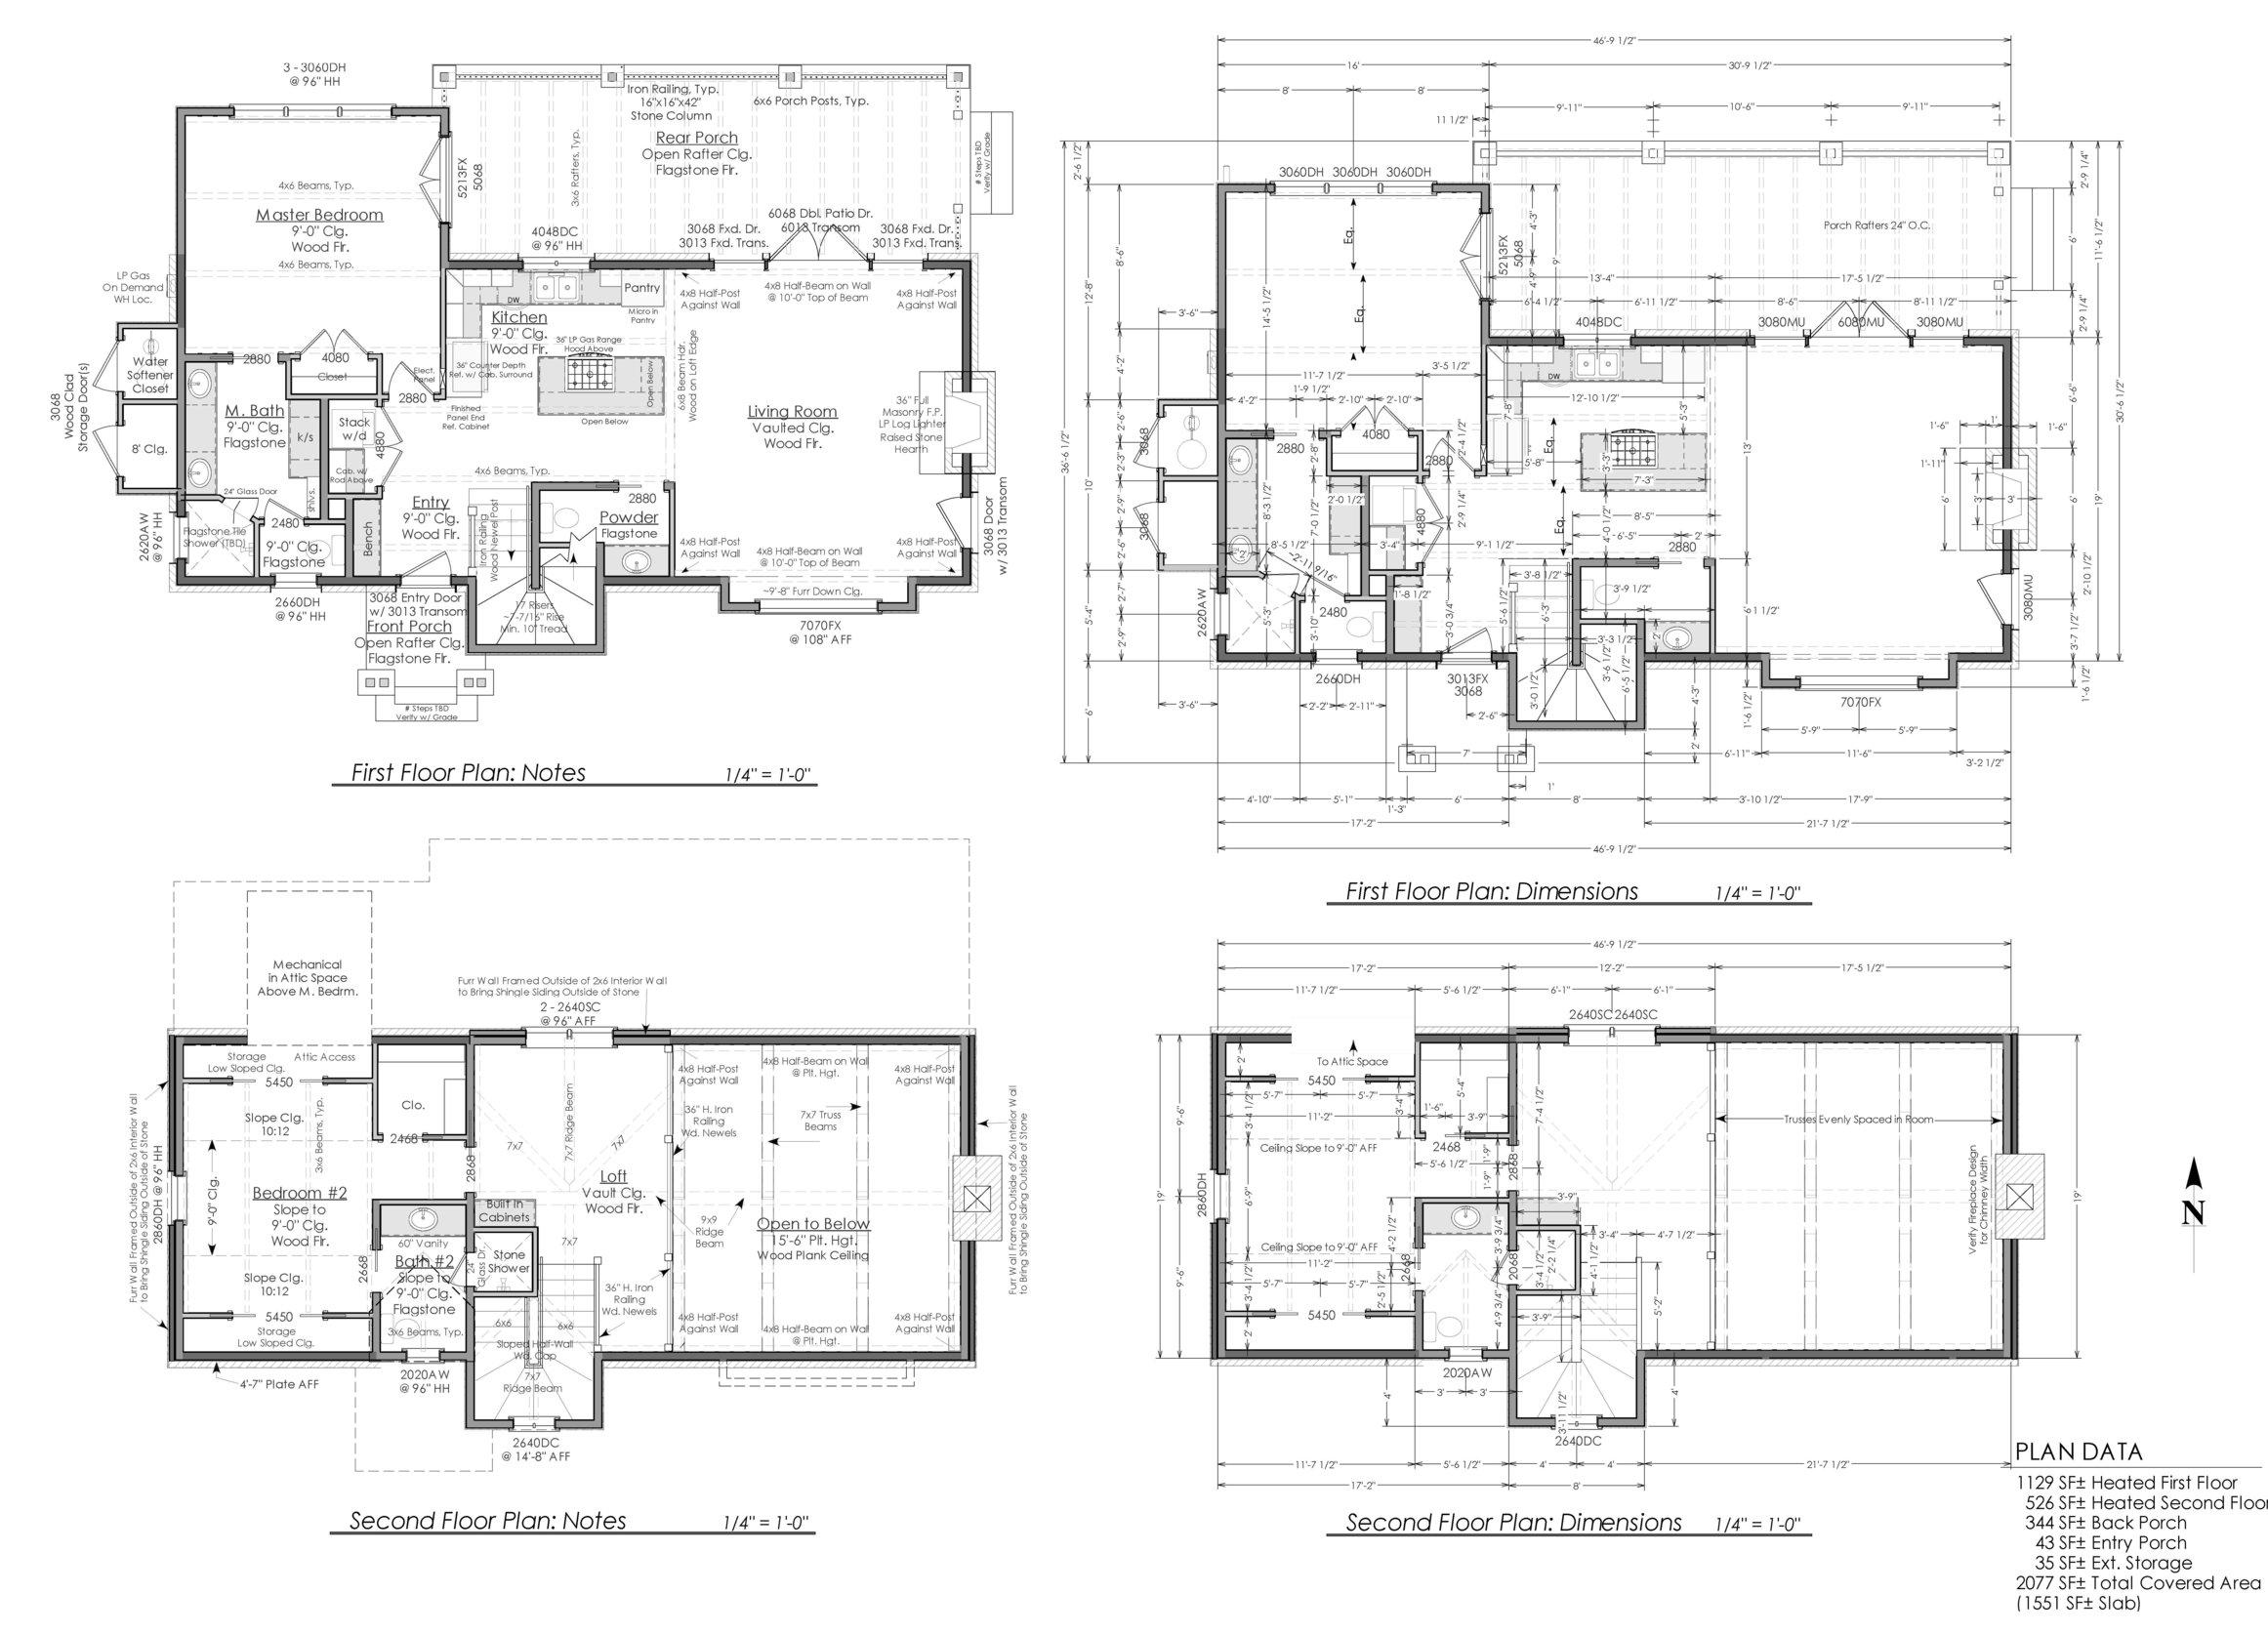 SCHNEIDER - Composite Set (10.03.14)_Page_1.jpg